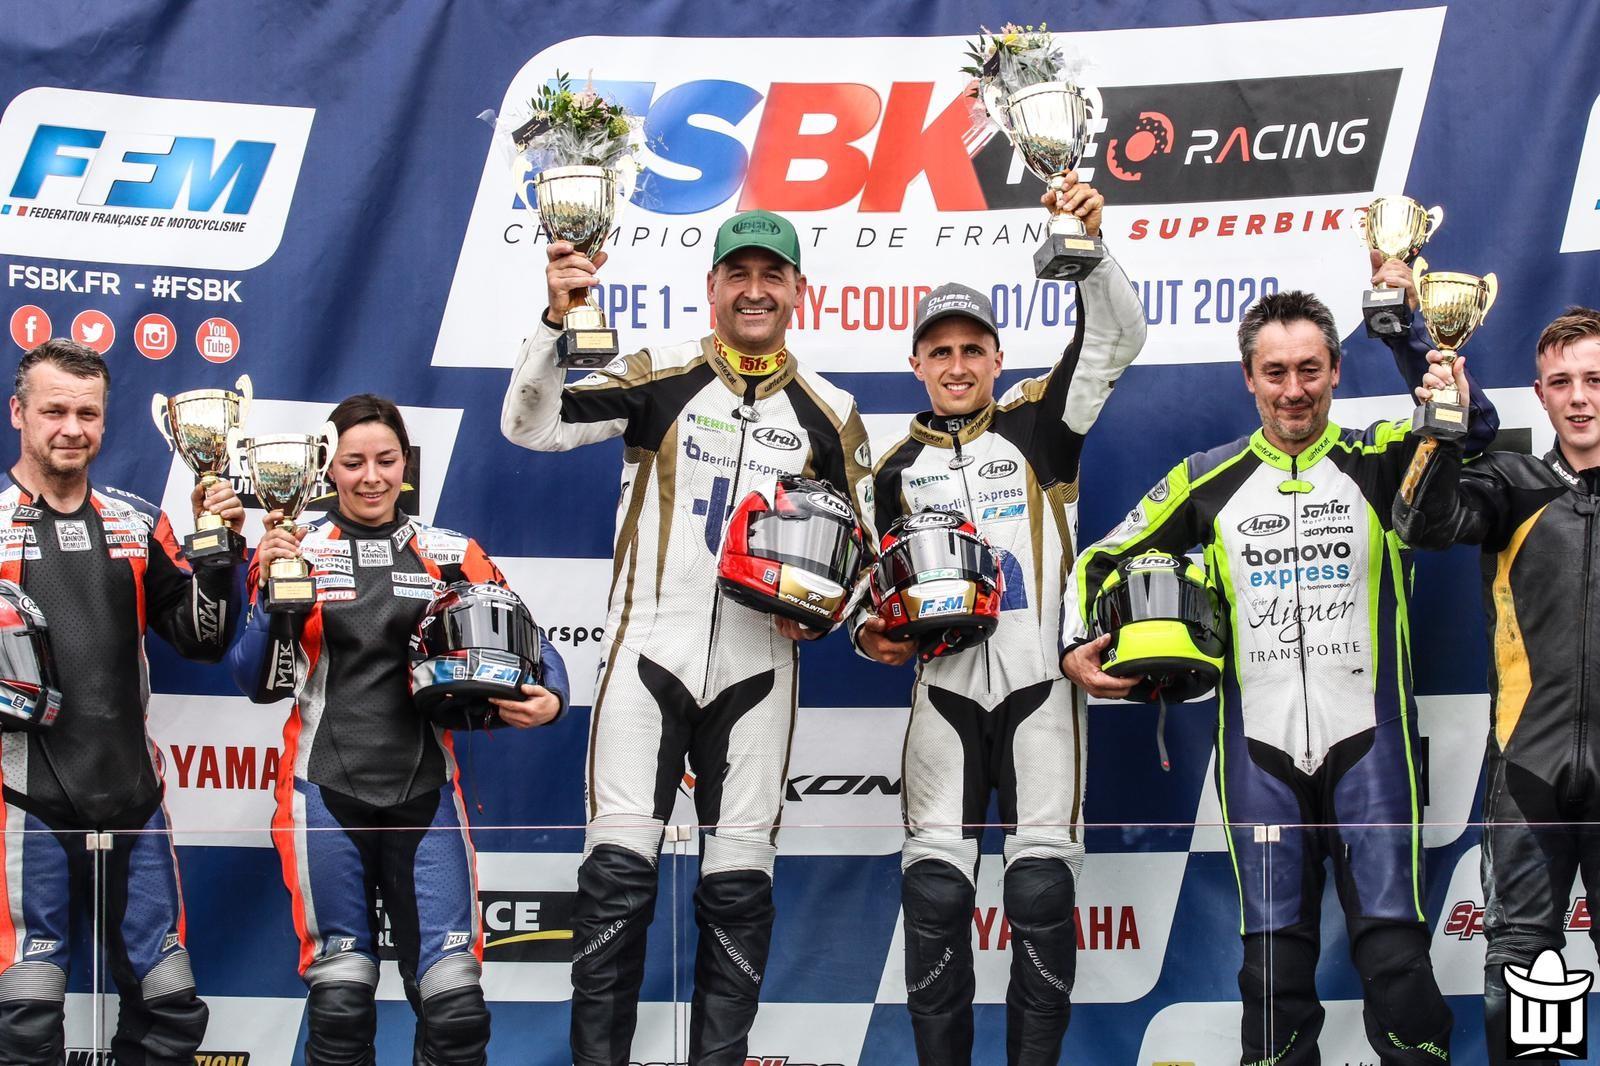 Side-car à MAGNY-COURS, 1ère manche du championnat de France Superbike, les 1 et 2 Août 2020